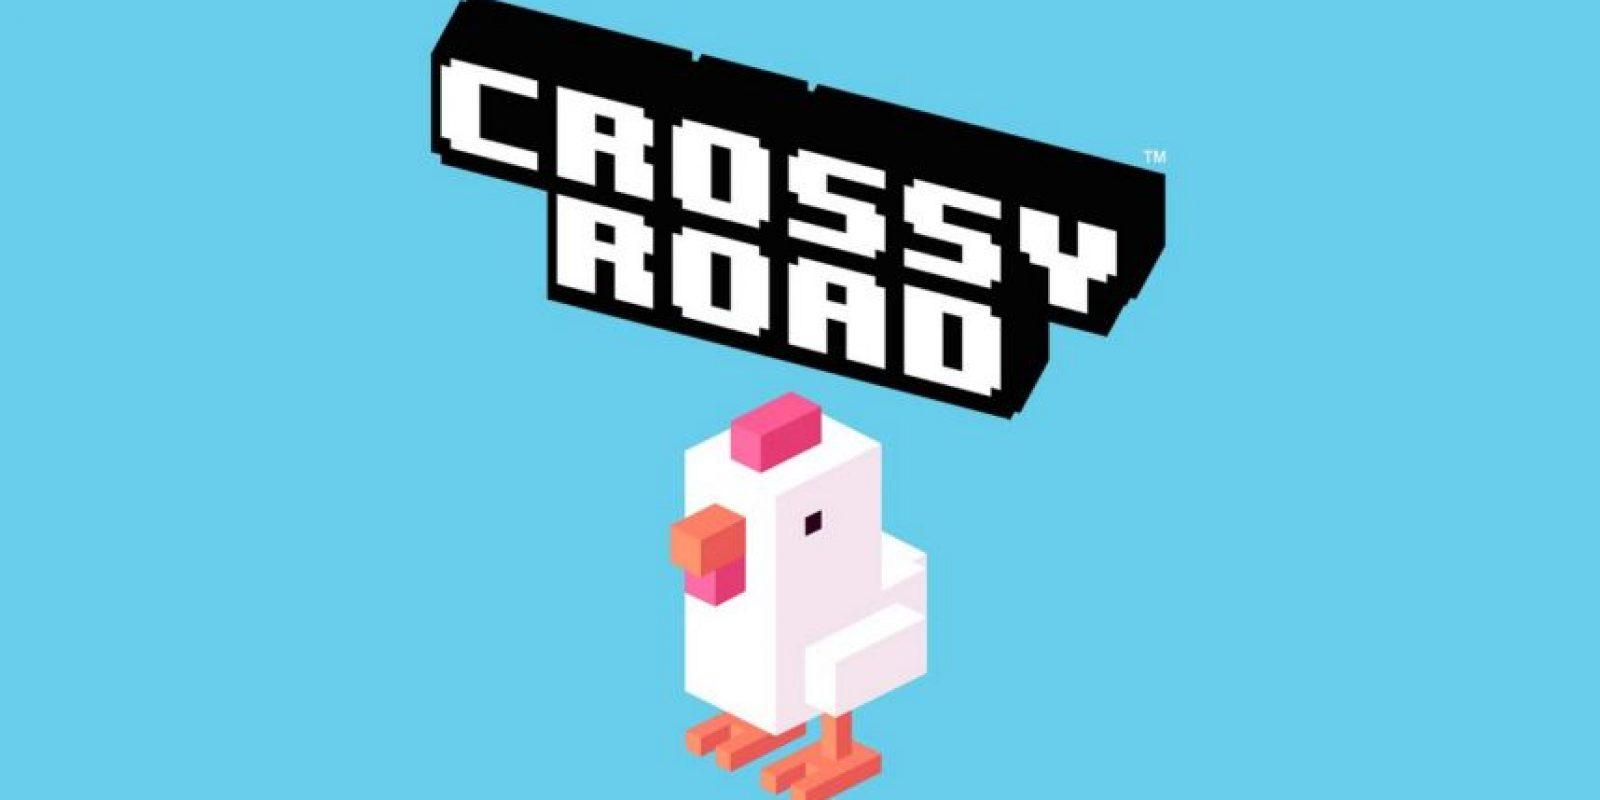 Los creadores del popular juego para móviles Crossy Road se encargarán de desarrollarlo Foto:Crossy Road